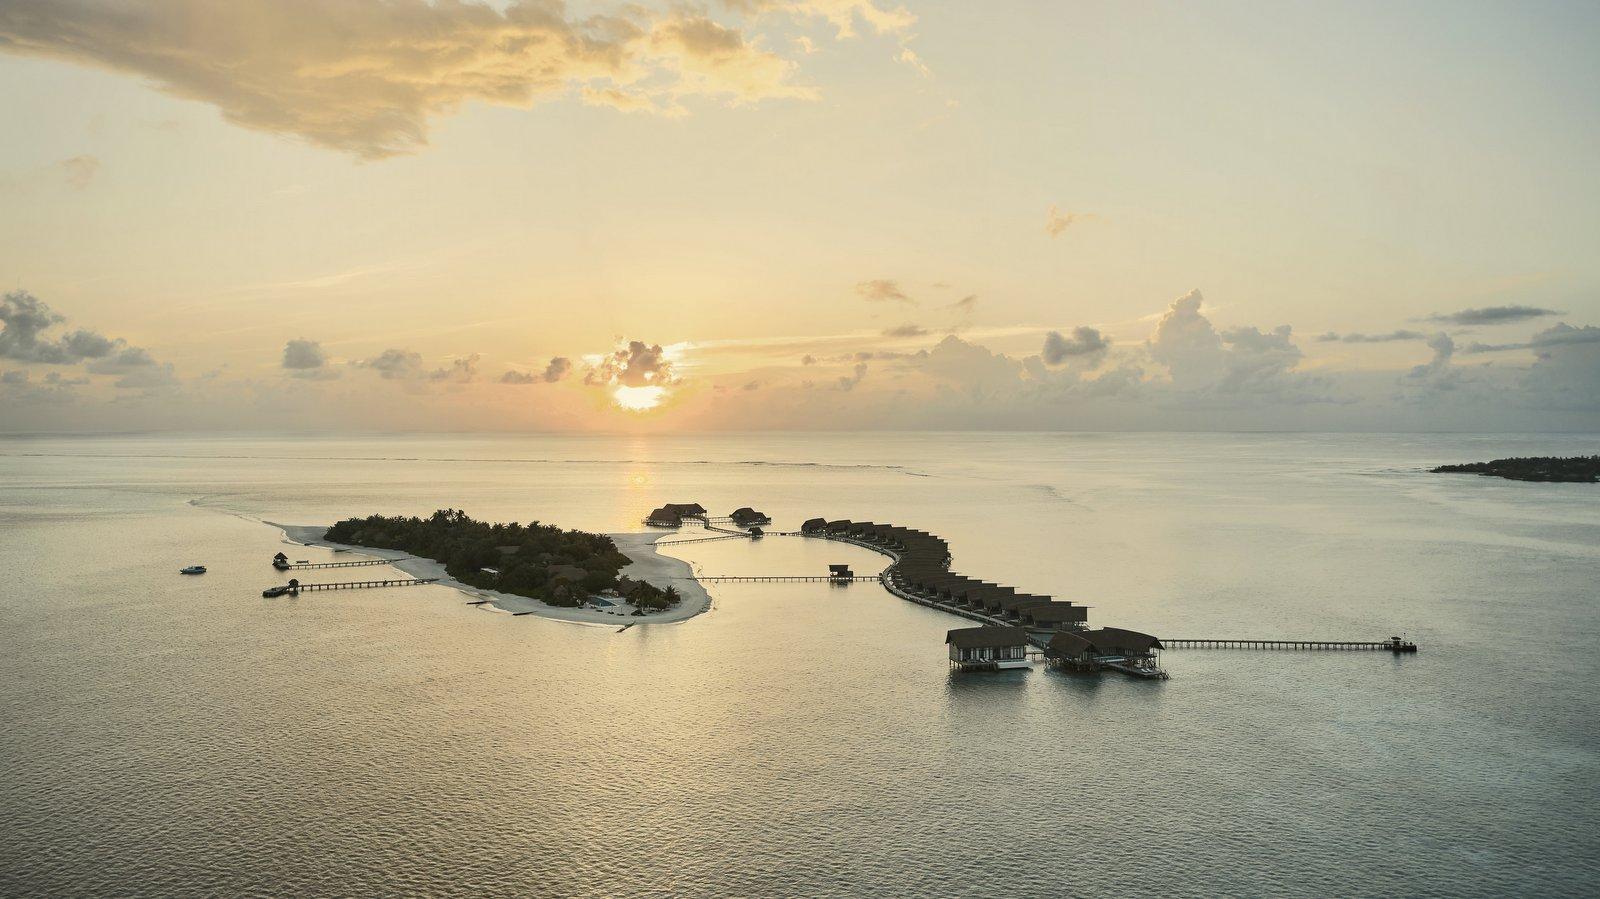 Мальдивы, отель COMO Cocoa Island